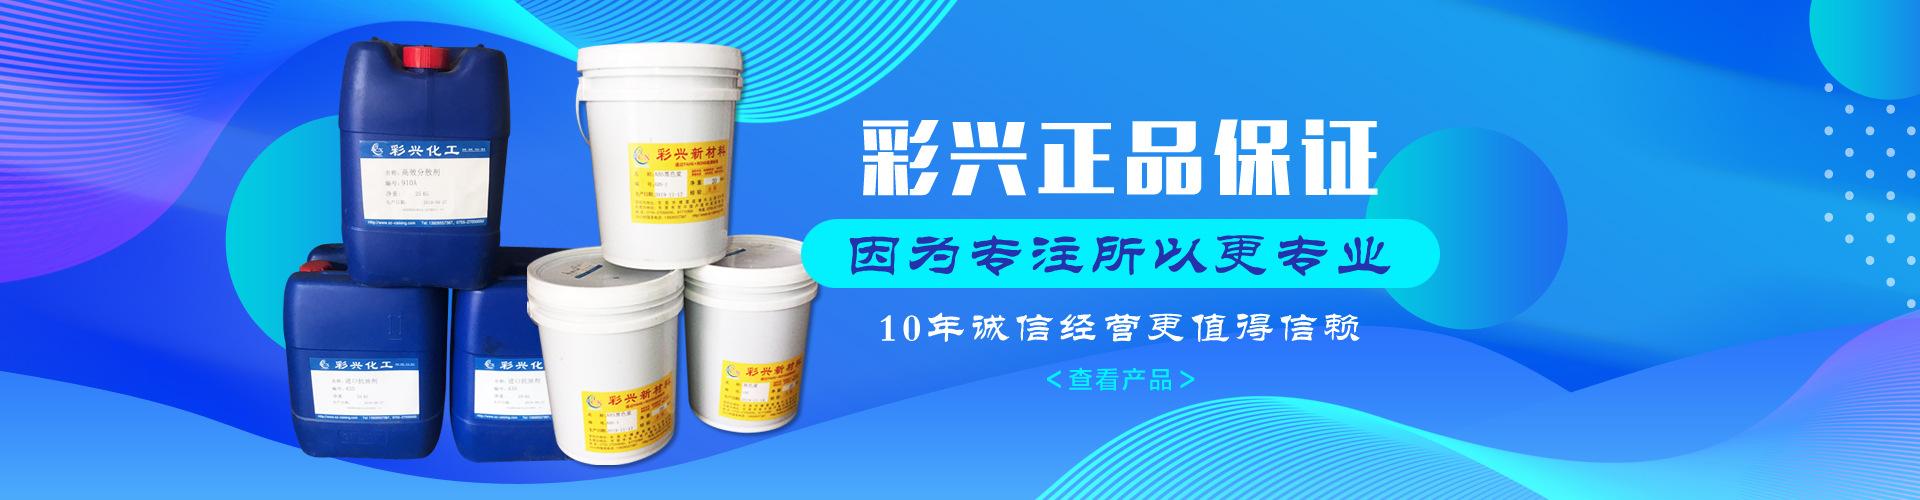 丙烯酸天津胶水色浆的图片